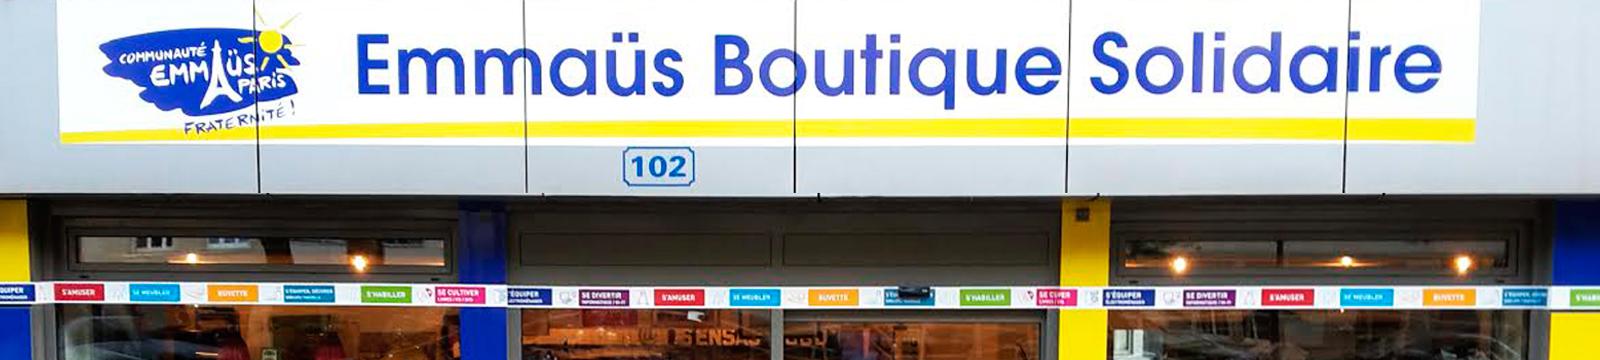 Boutique emmaus paris don de vetements paris emmaus paris - Donner meubles emmaus paris ...